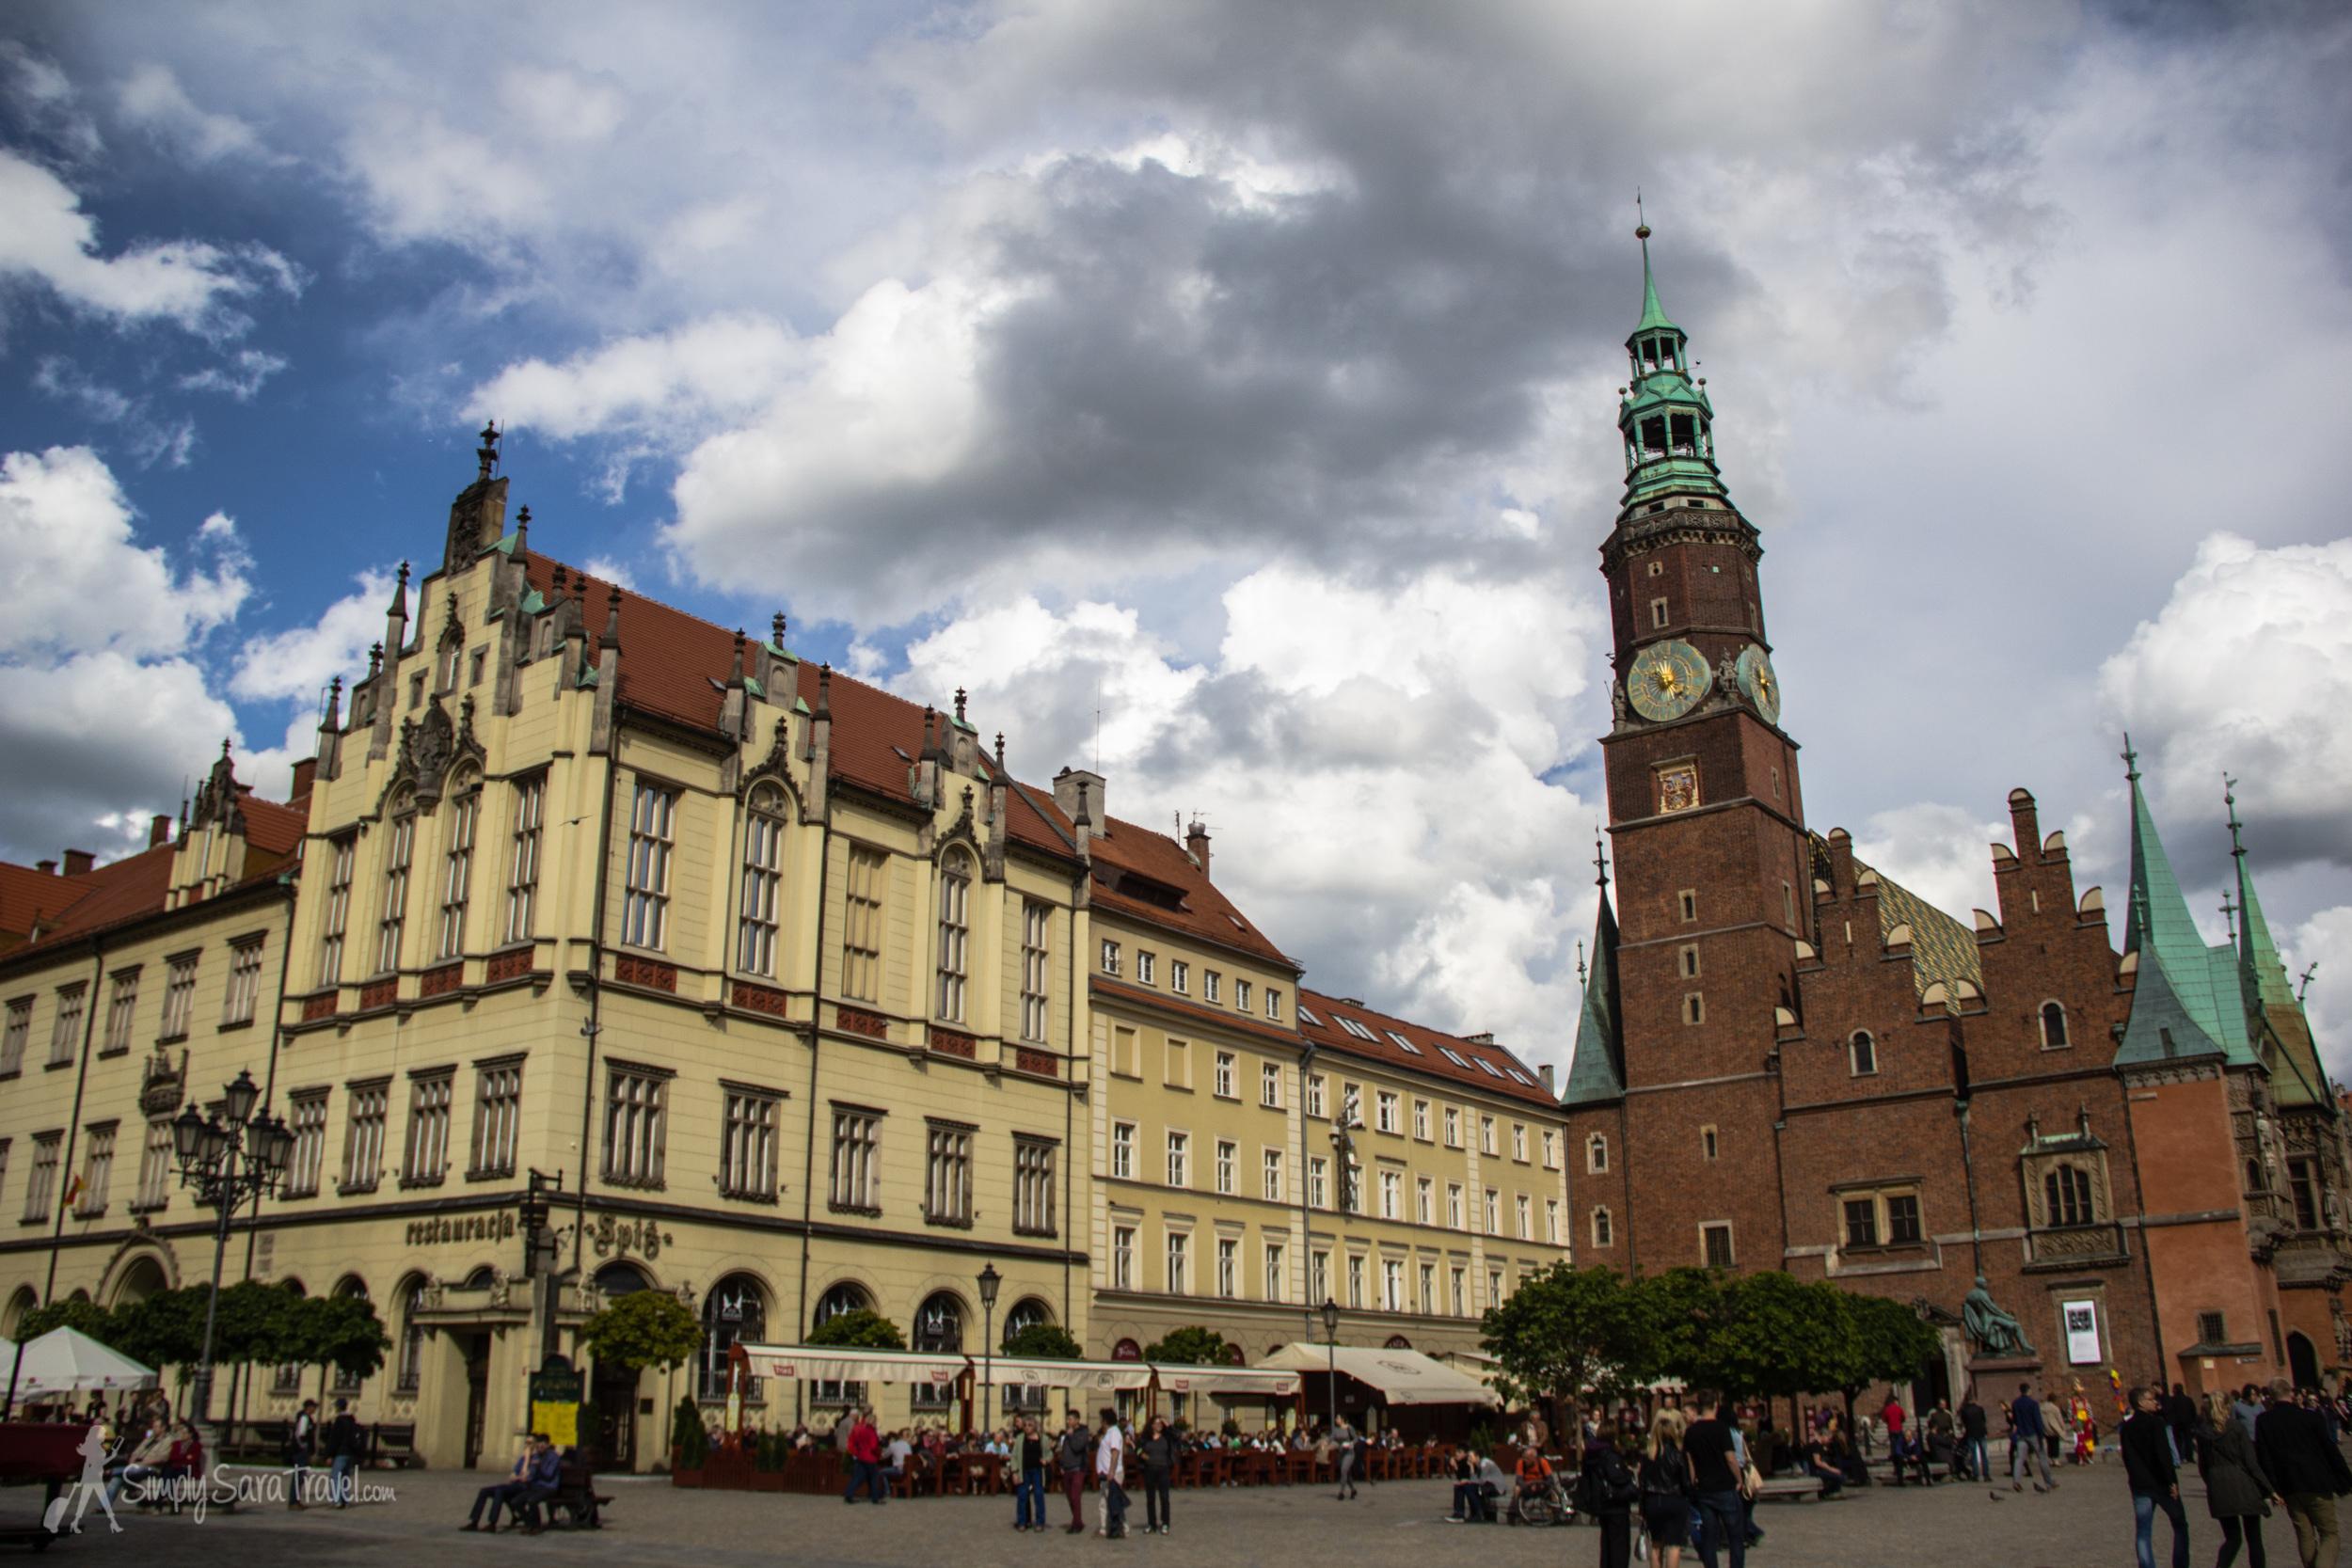 Market Square (Rynek) of Wroclaw, Poland